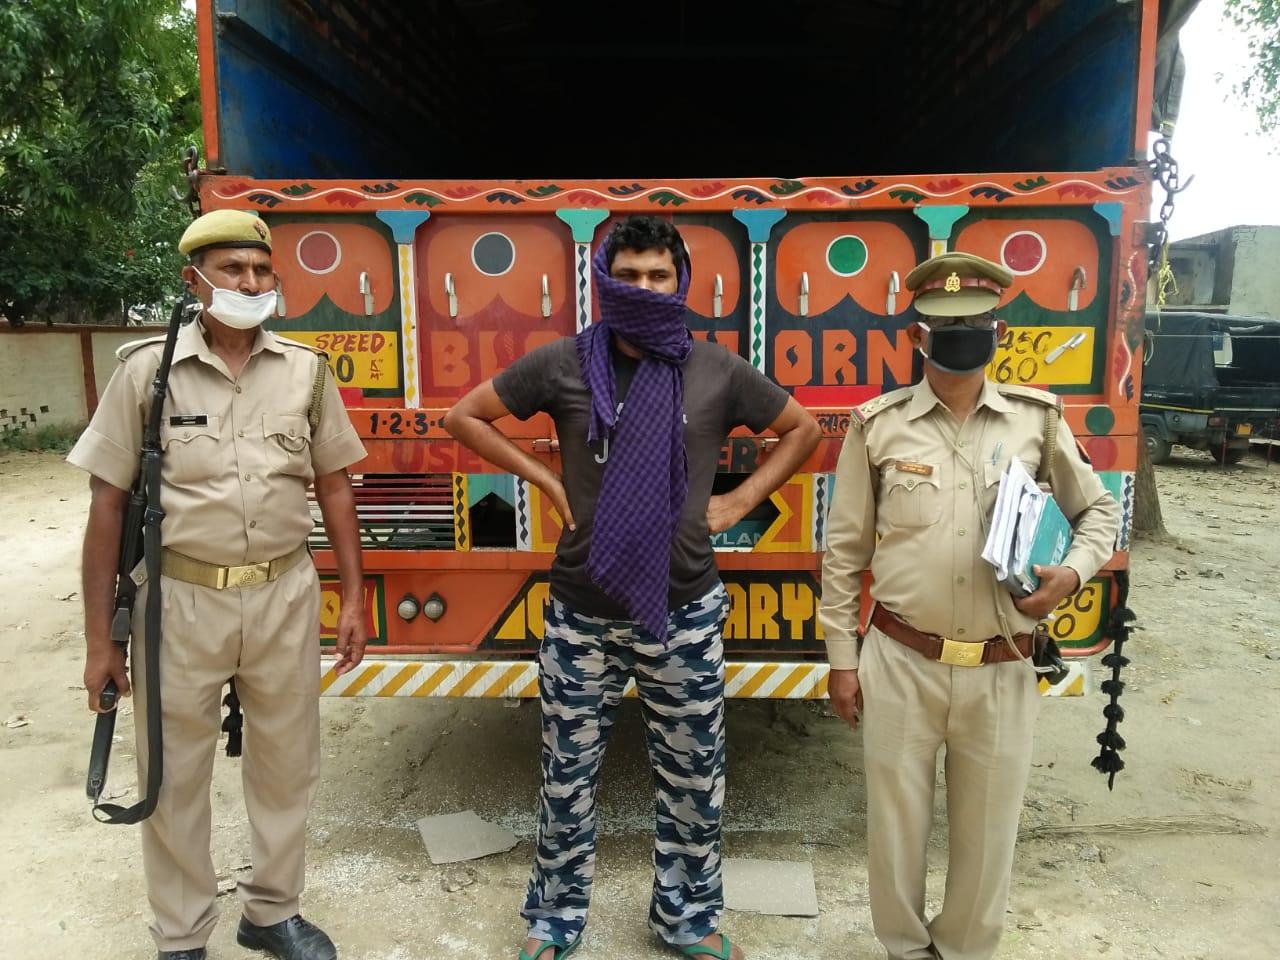 जौनपुर। जिले के बख्शा पुलिस ने जौनपुर से हरियाणा जा रहे ट्रक पर एफसीआई का चावल ट्रक चालक सहित गिरफ्तार कर लिया। सोमवार को पहुँचे मार्केंटिंग एवं सप्लाई इंस्पेक्टर ने ट्रक पर लदे 240 बोरी चावल को कब्जे में लेते हुए तहरीर दी। सरकारी खाद्यान्न पकड़े जाने की सूचना पर थाने पहुँचे क्षेत्राधिकारी सदर नृपेंद्र ने बताया कि थानाध्यक्ष शशिचन्द चौधरी को सूचना मिली की एक ट्रक पर सरकारी चावल जा रहा है। सक्रिय पुलिस बक्शा के ही करीब से उक्त ट्रक को चालक सहित कब्जे में लेते हुए थाने ले आई। पूछताछ में ट्रक चालक अनिल ने बताया कि मैं हरियाणा से बिहार अंडा लेकर गया था। वापस जौनपुर पहुँचा तो एक ट्रांसपोर्ट मालिक के कहने पर 240 बोरी चावल लेकर हरियाणा जा रहा था। चालक उक्त चावल के बारे में अन्य जानकारी से अनभिज्ञता बना रहा। सूचना पर मार्केंटिंग इंस्पेक्टर हिमांशू एवं सप्लाई इंस्पेक्टर रत्नेश श्रीवास्तव ने पहुँच पल्लेदार बुलाकर बोरी की गिनती करा चावल को कब्जे में ले लिया। सप्लाई इंस्पेक्टर की तहरीर पर पुलिस ने चालक सहित अज्ञात के खिलाफ धारा 3/7 के तहत मुकदमा दर्ज कर लिया है।